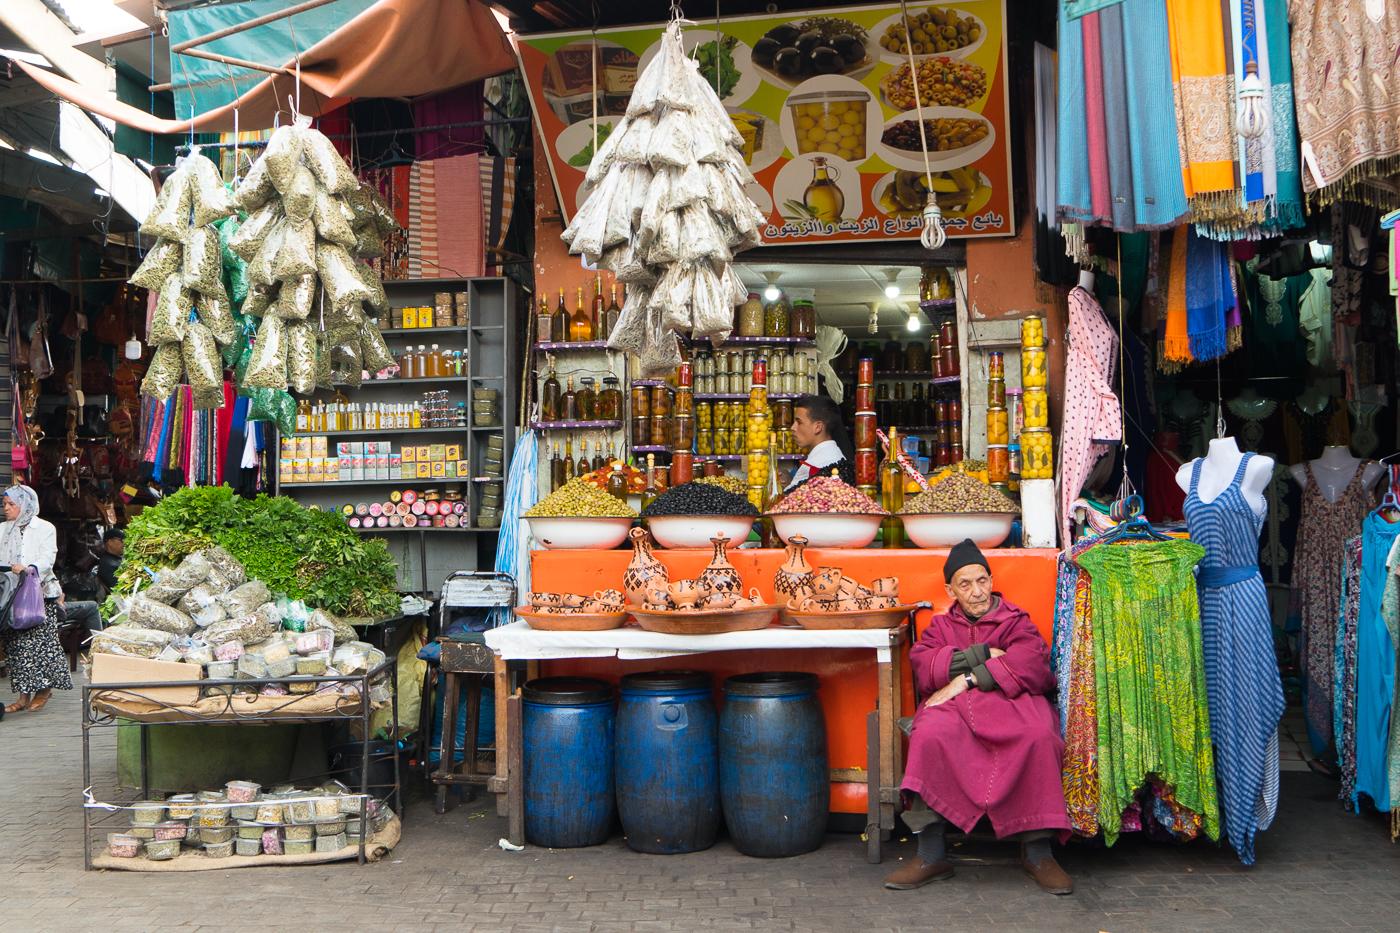 Tour culinaire à Marrakech